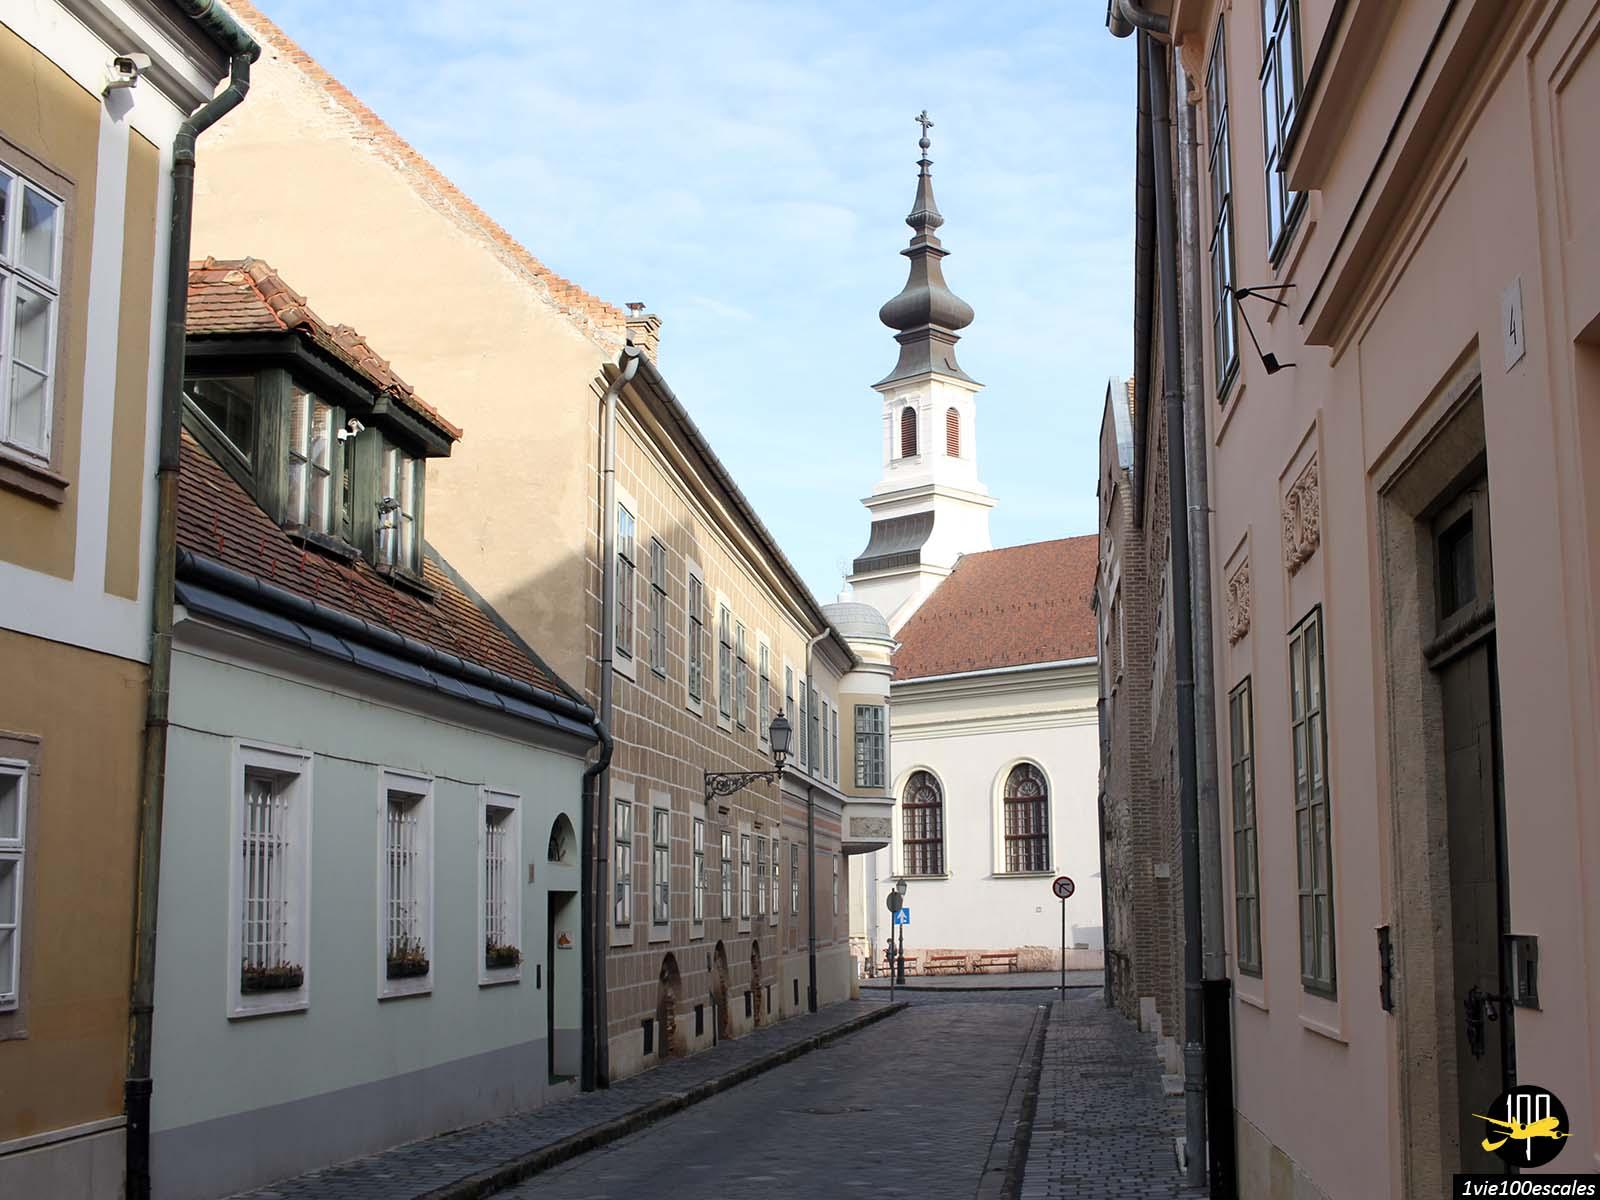 L'architecture typique du quartier de Buda à Budapest